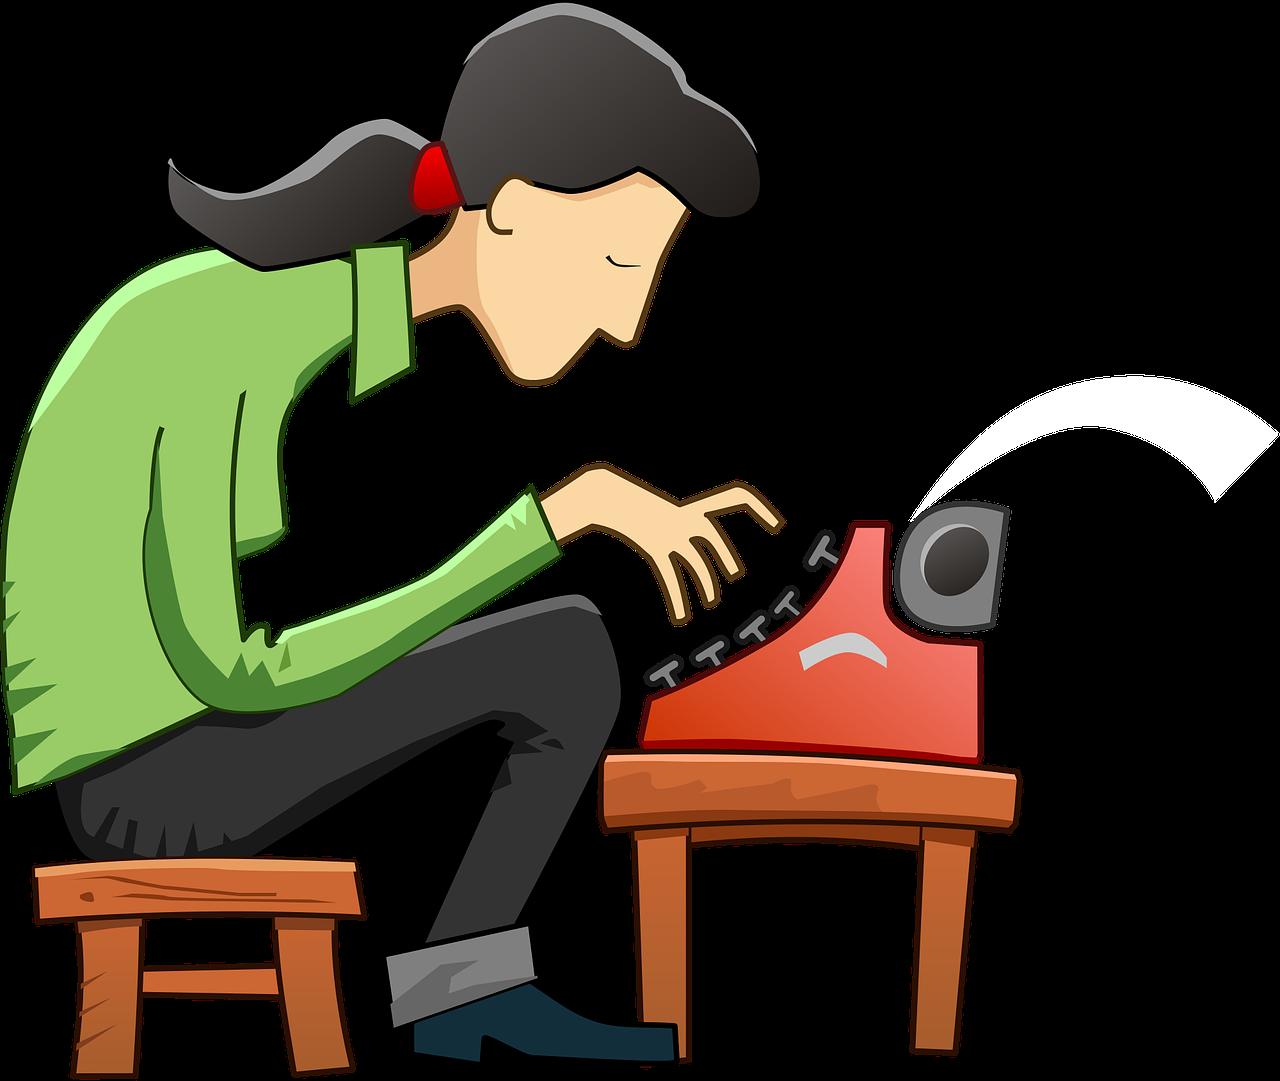 typewriter-584696_1280.png